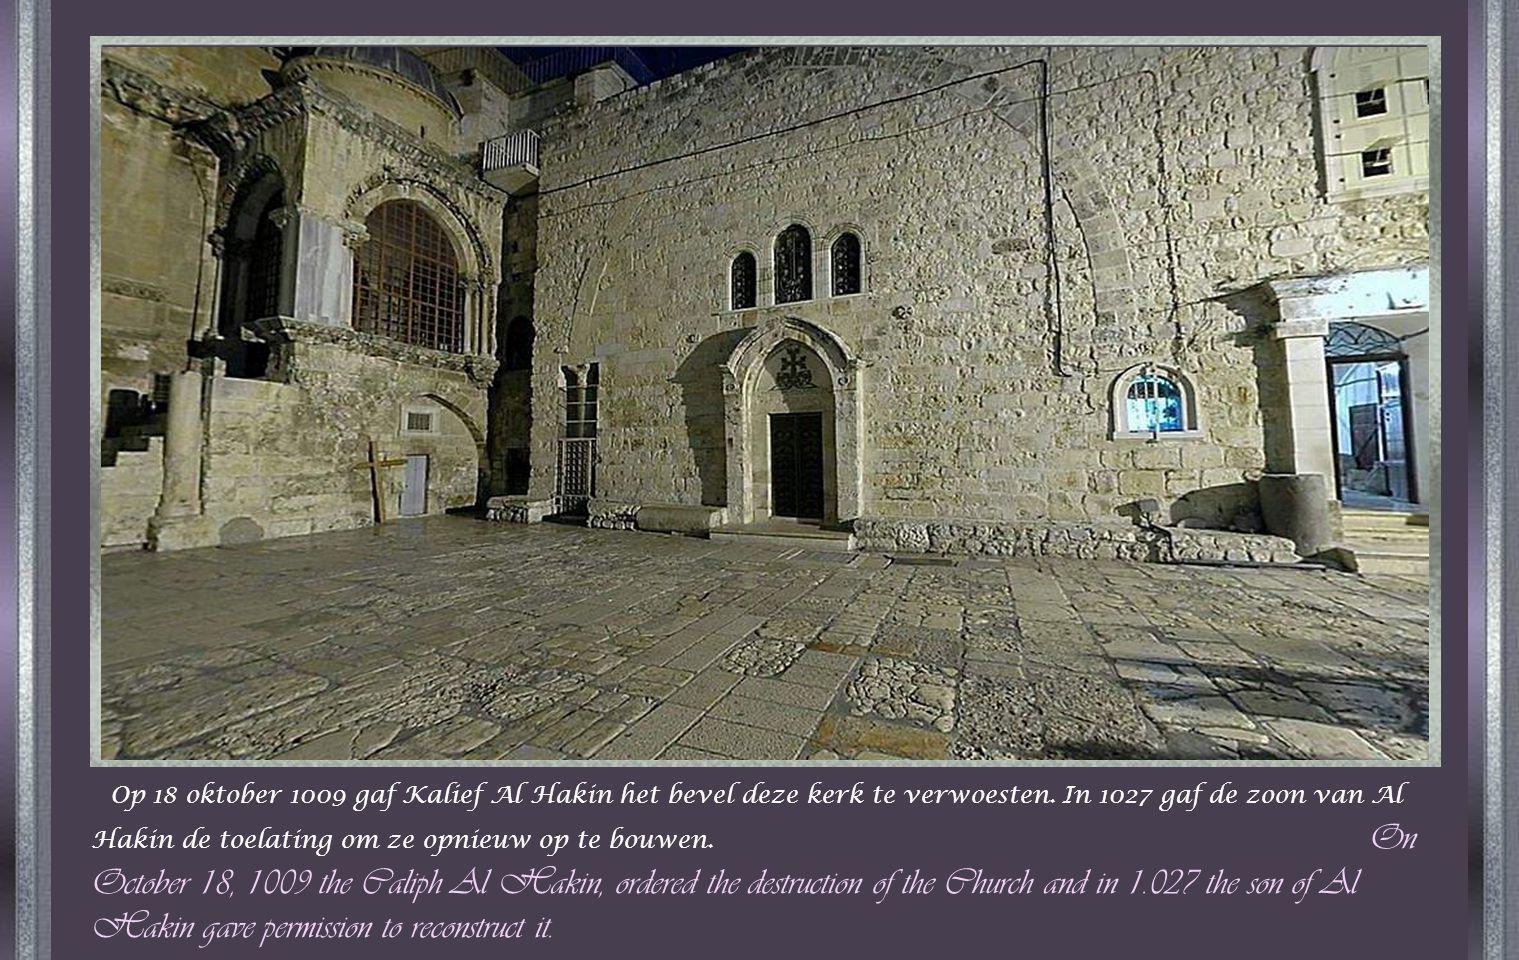 Op 18 oktober 1009 gaf Kalief Al Hakin het bevel deze kerk te verwoesten.